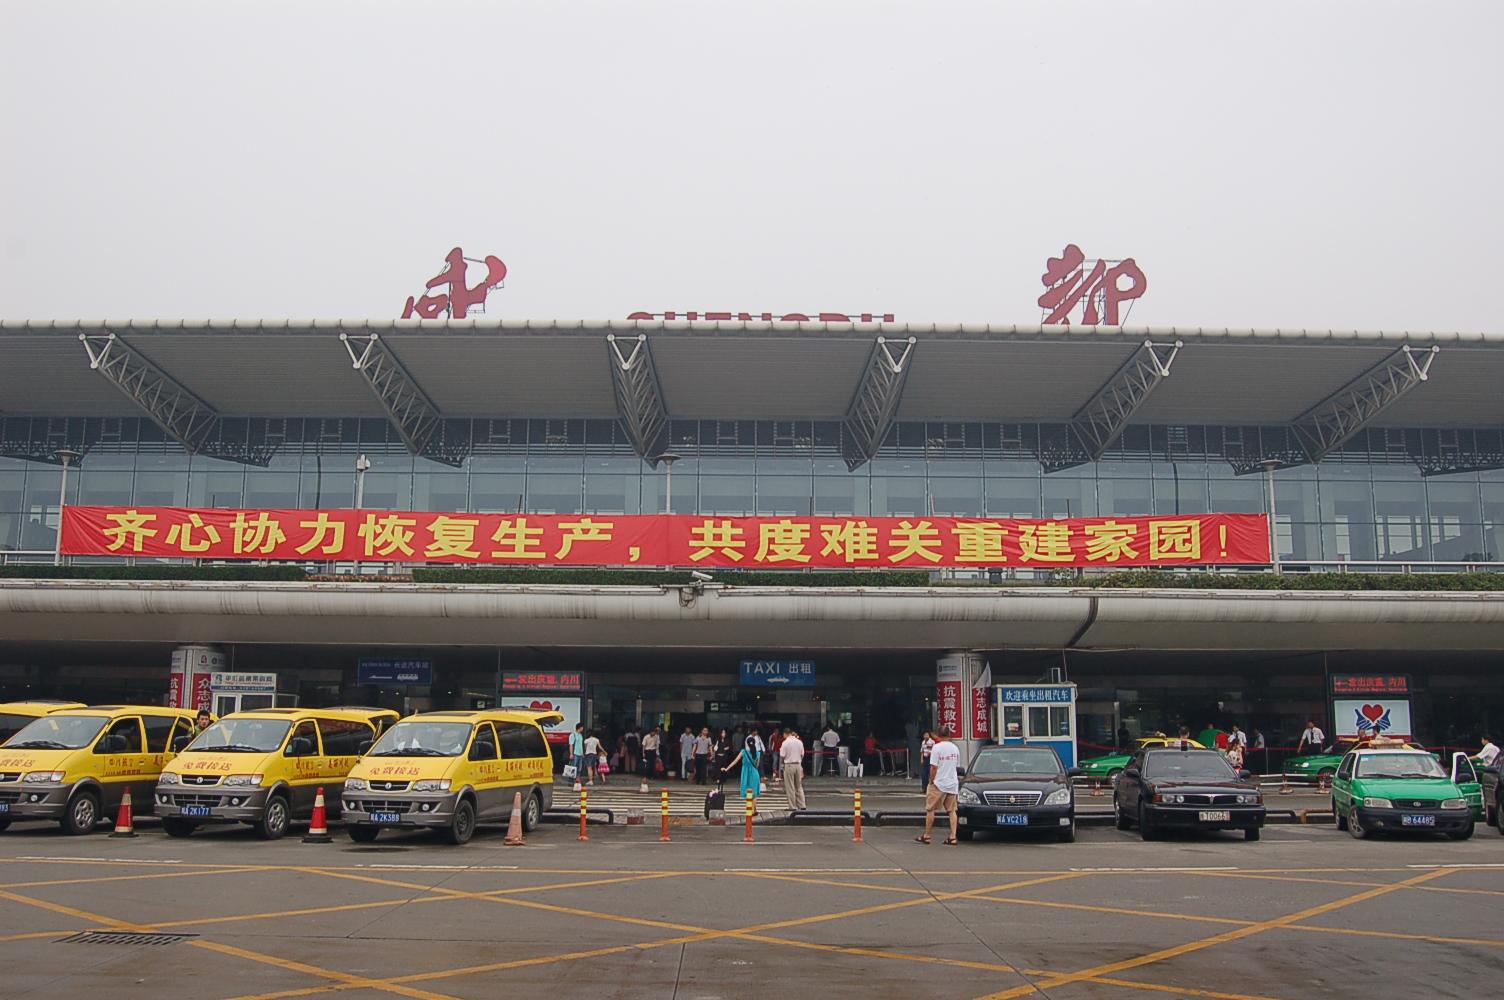 成都双流机场已全面恢复营运,抗震救灾的气氛仍在